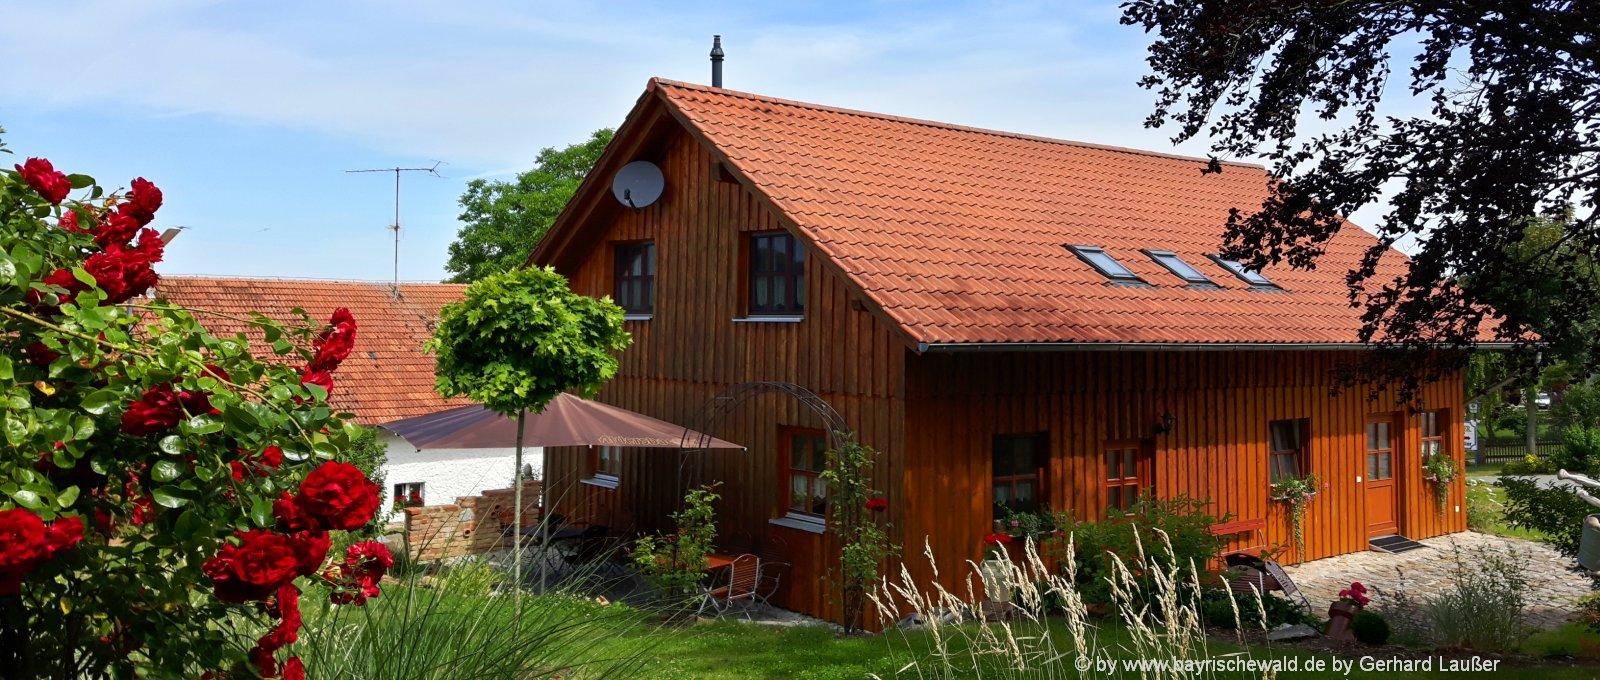 Ferienhaus Rachelblick Unterkünfte im Landkreis Regen